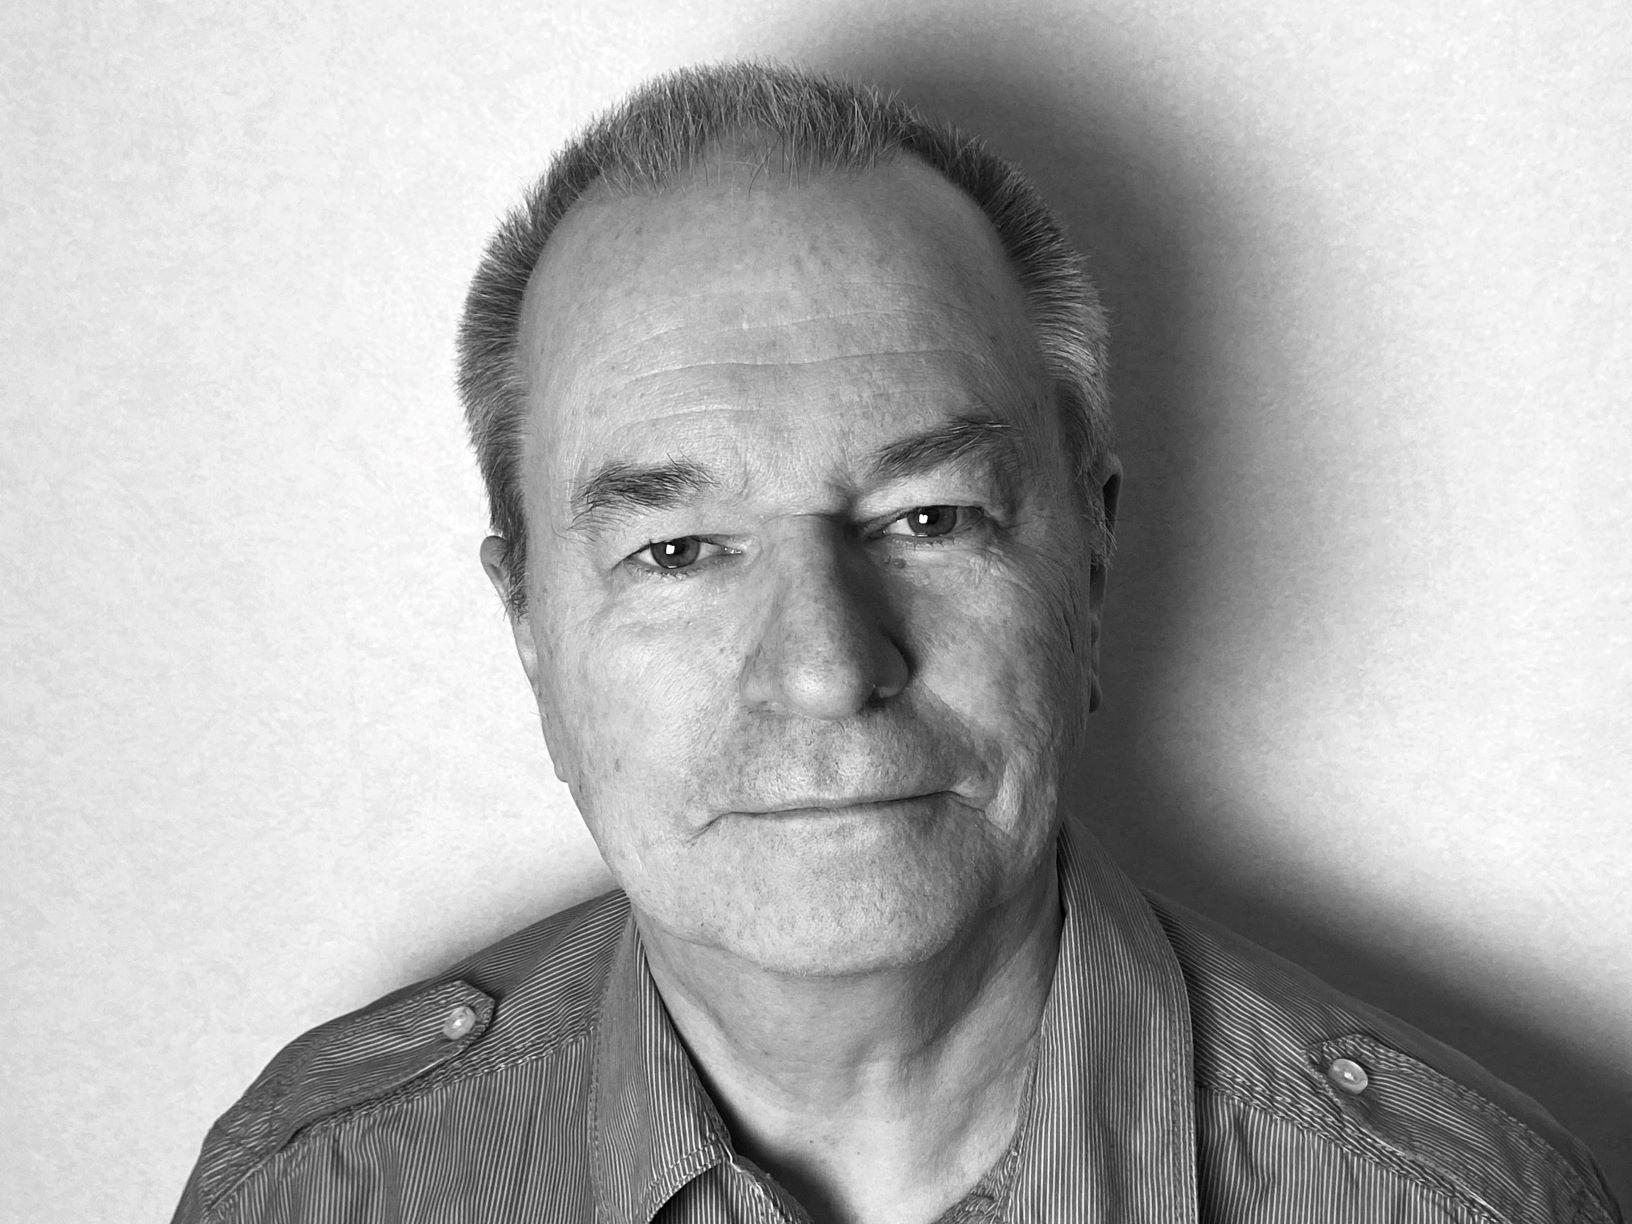 Porträtt Anders Johansson